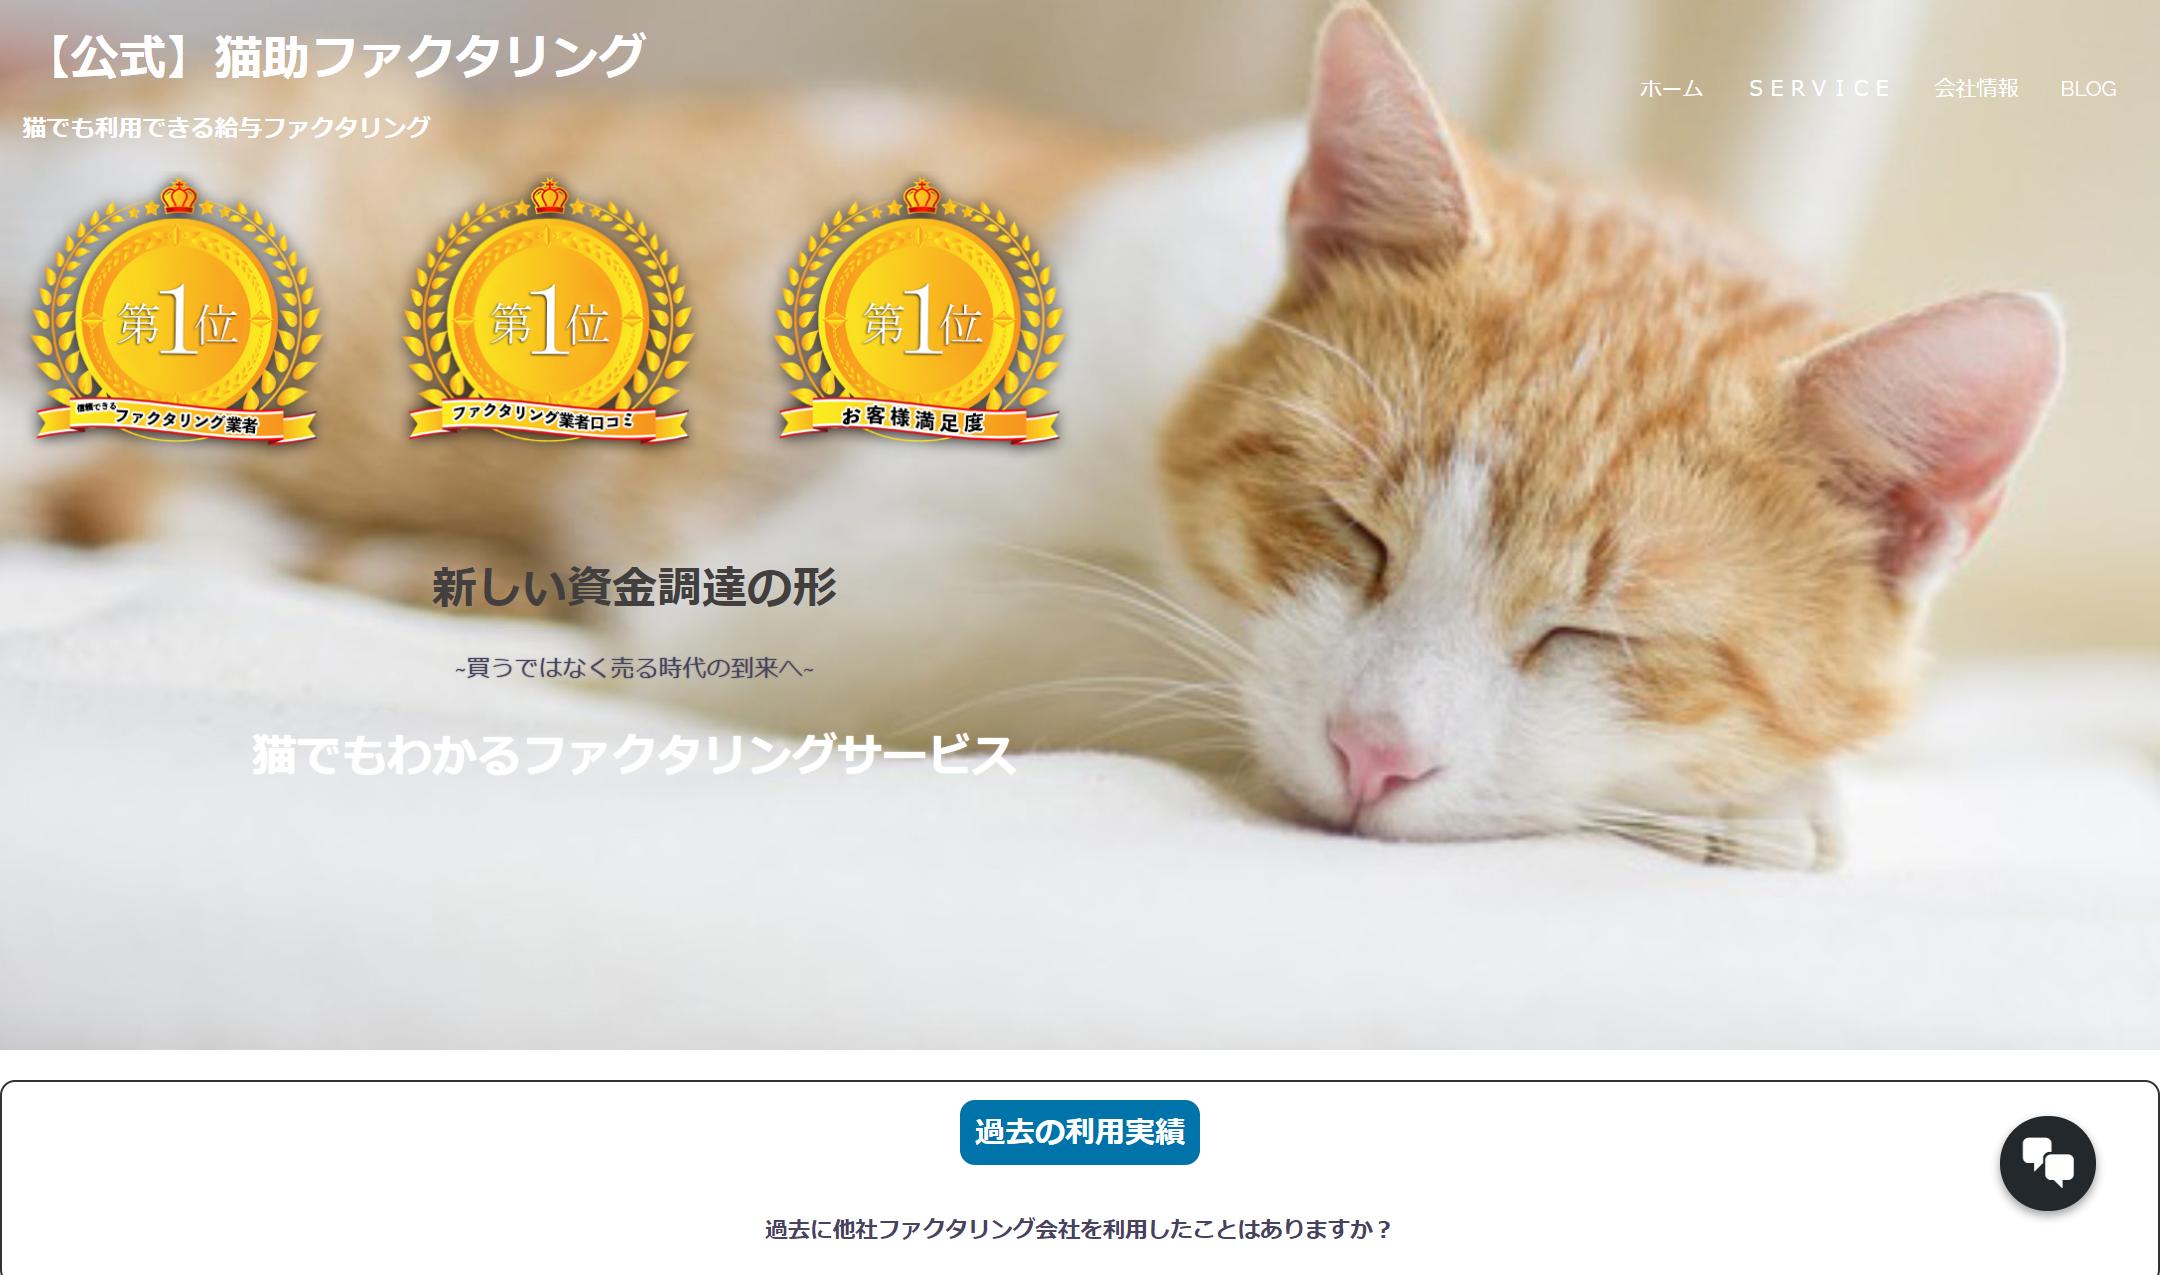 【猫助】ユーザー評価・コメント